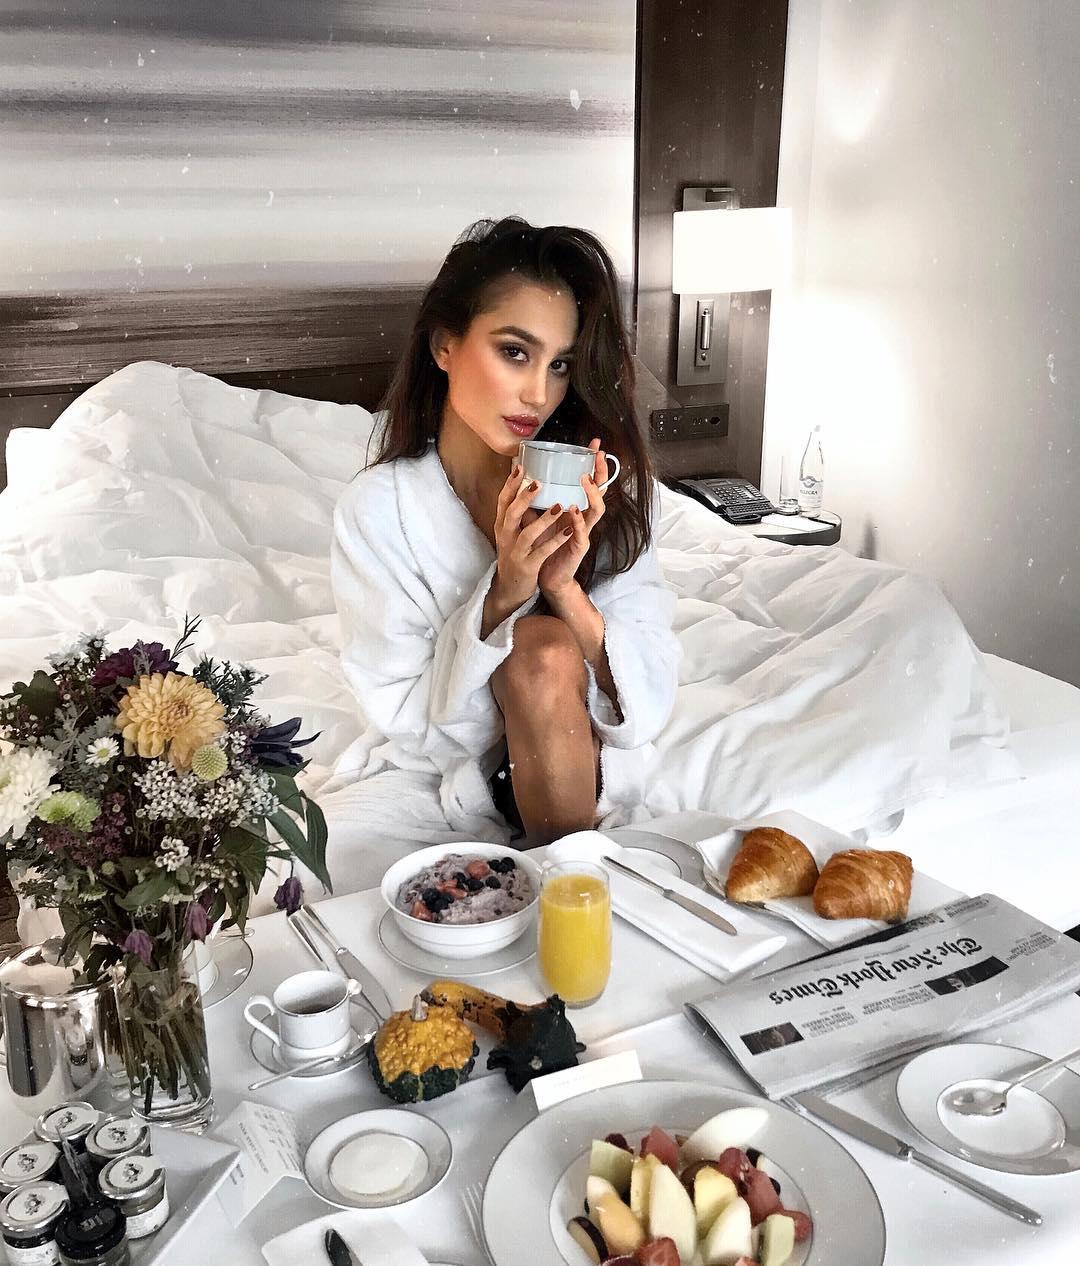 foto tumblr de café da manhã na cama